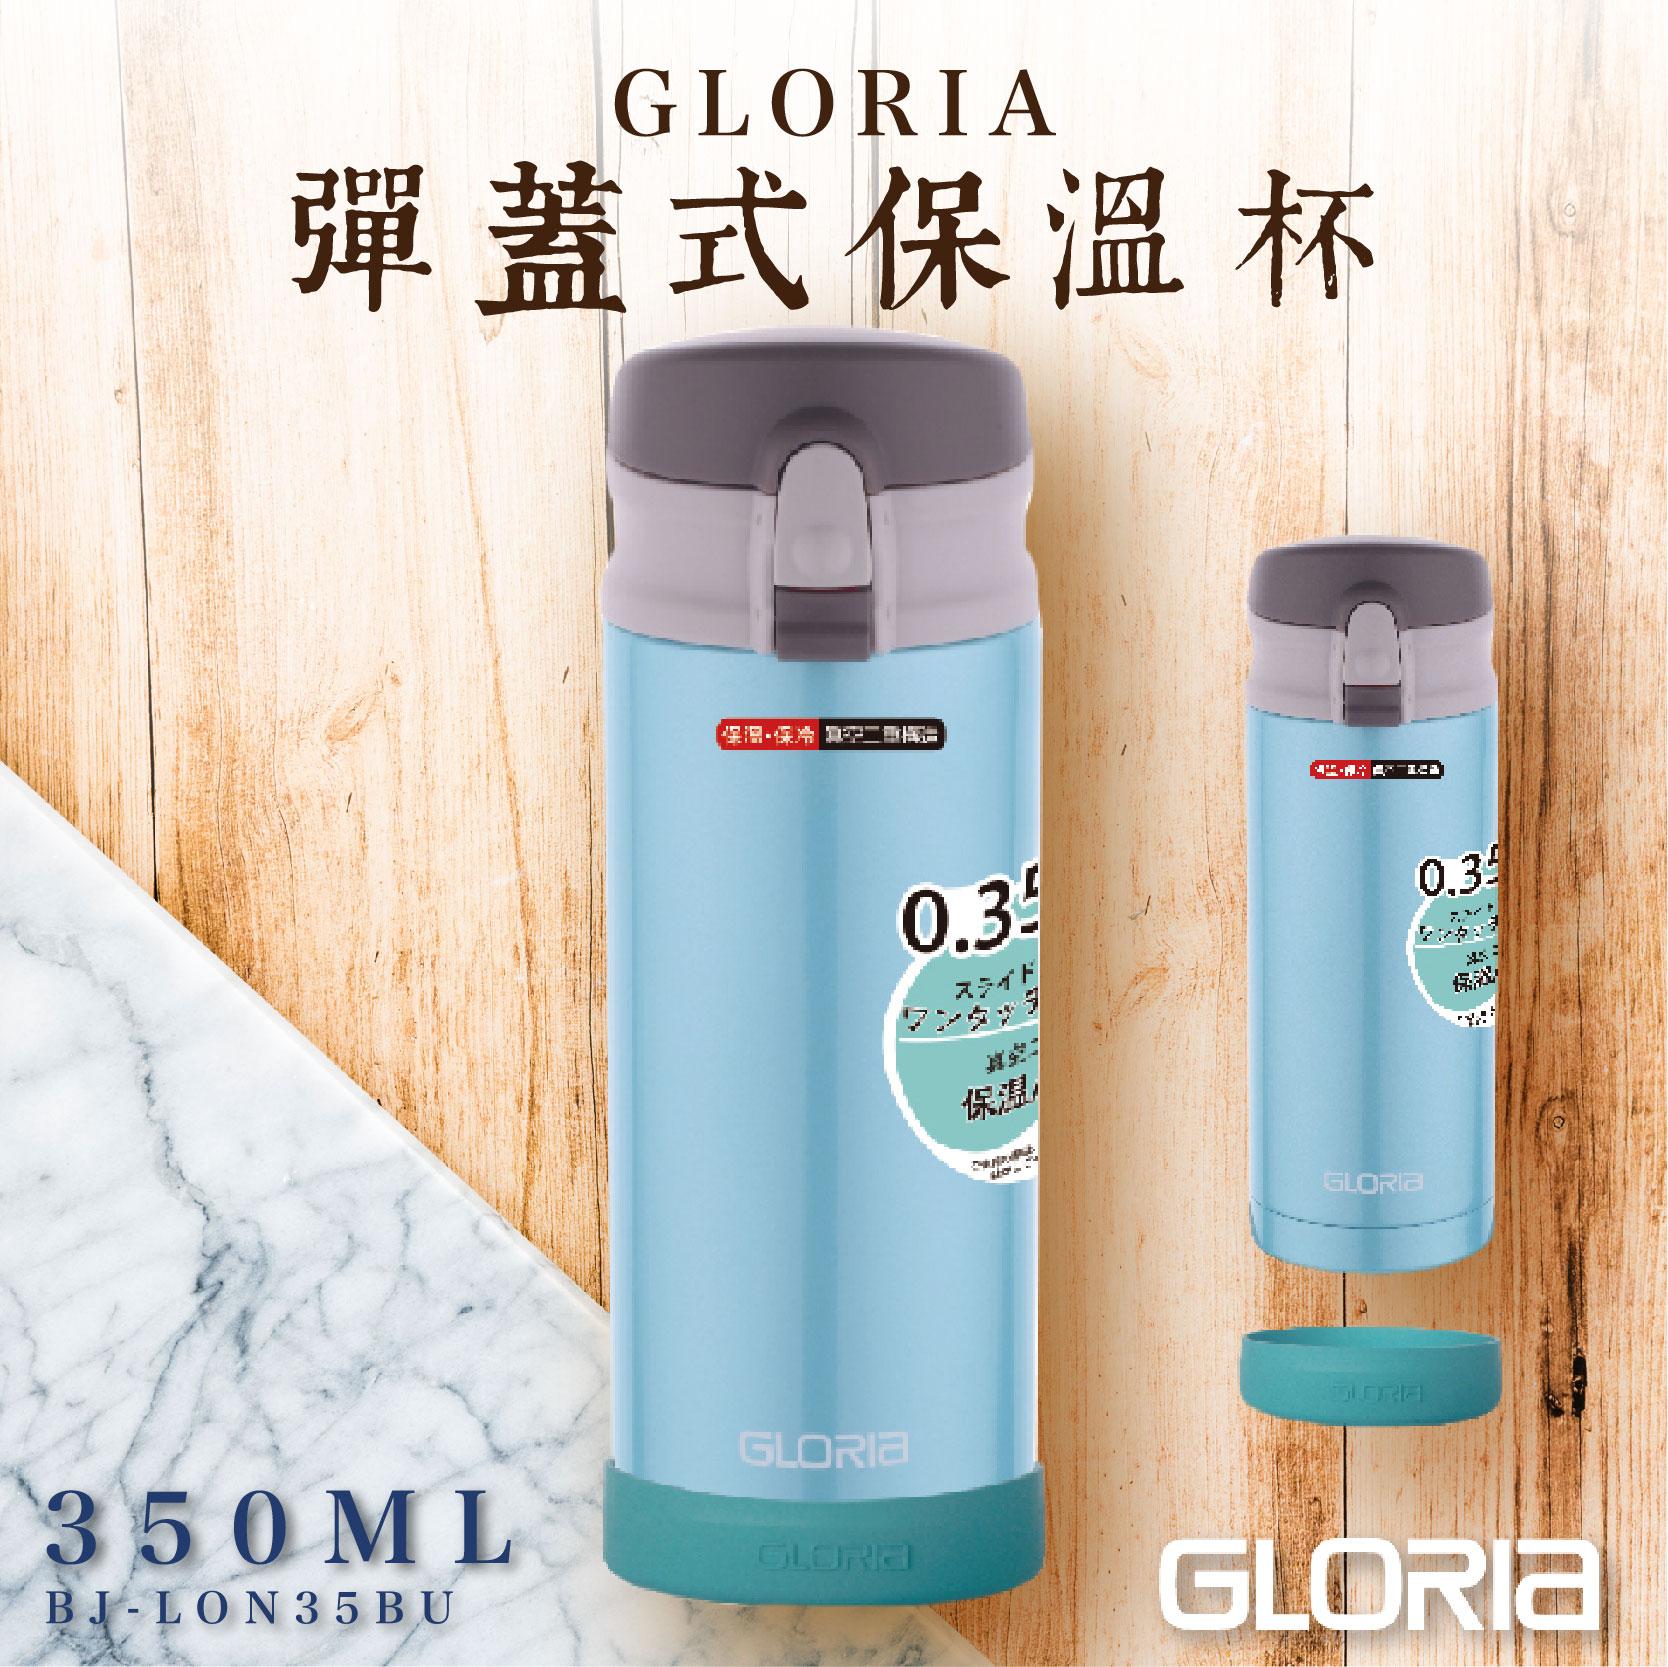 日本品質 內外頂級316不鏽鋼 負離子保溫瓶 350ML 天空藍 BJ-LON35BU 保溫真空 GLORIA 彈蓋